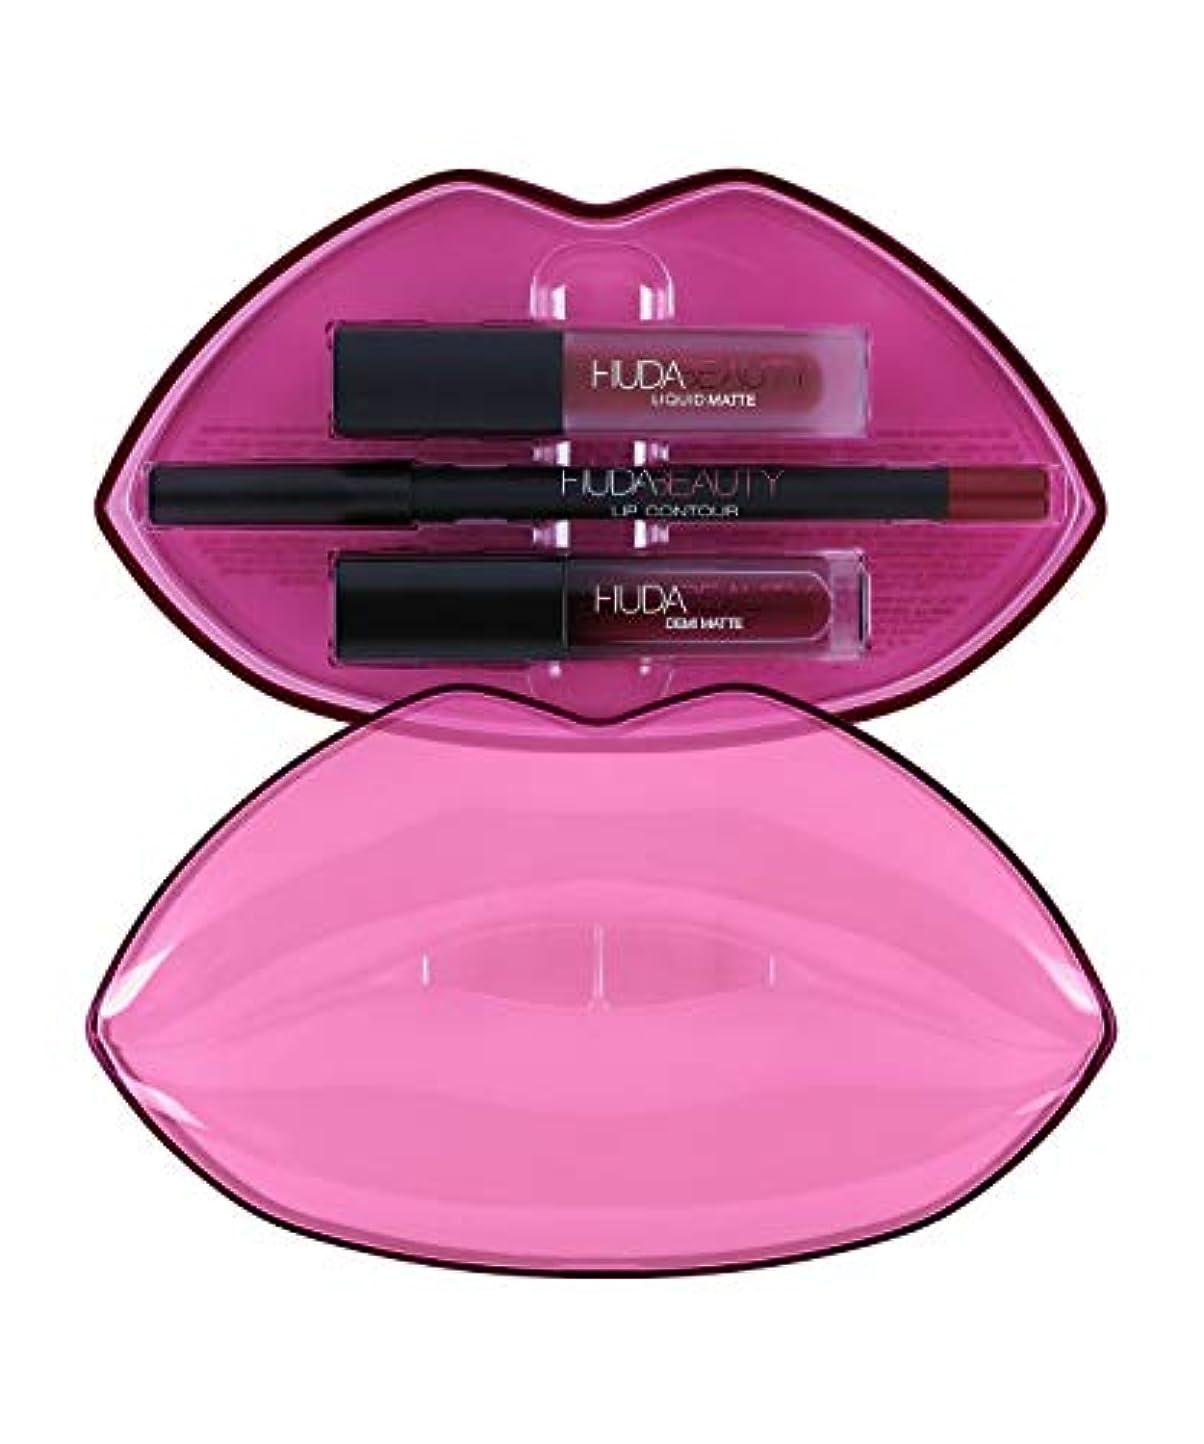 推定する生理現金HUDABEAUTY フーダビューティ リップ Demi Matte & Cream Lip Set Bawse & Famous